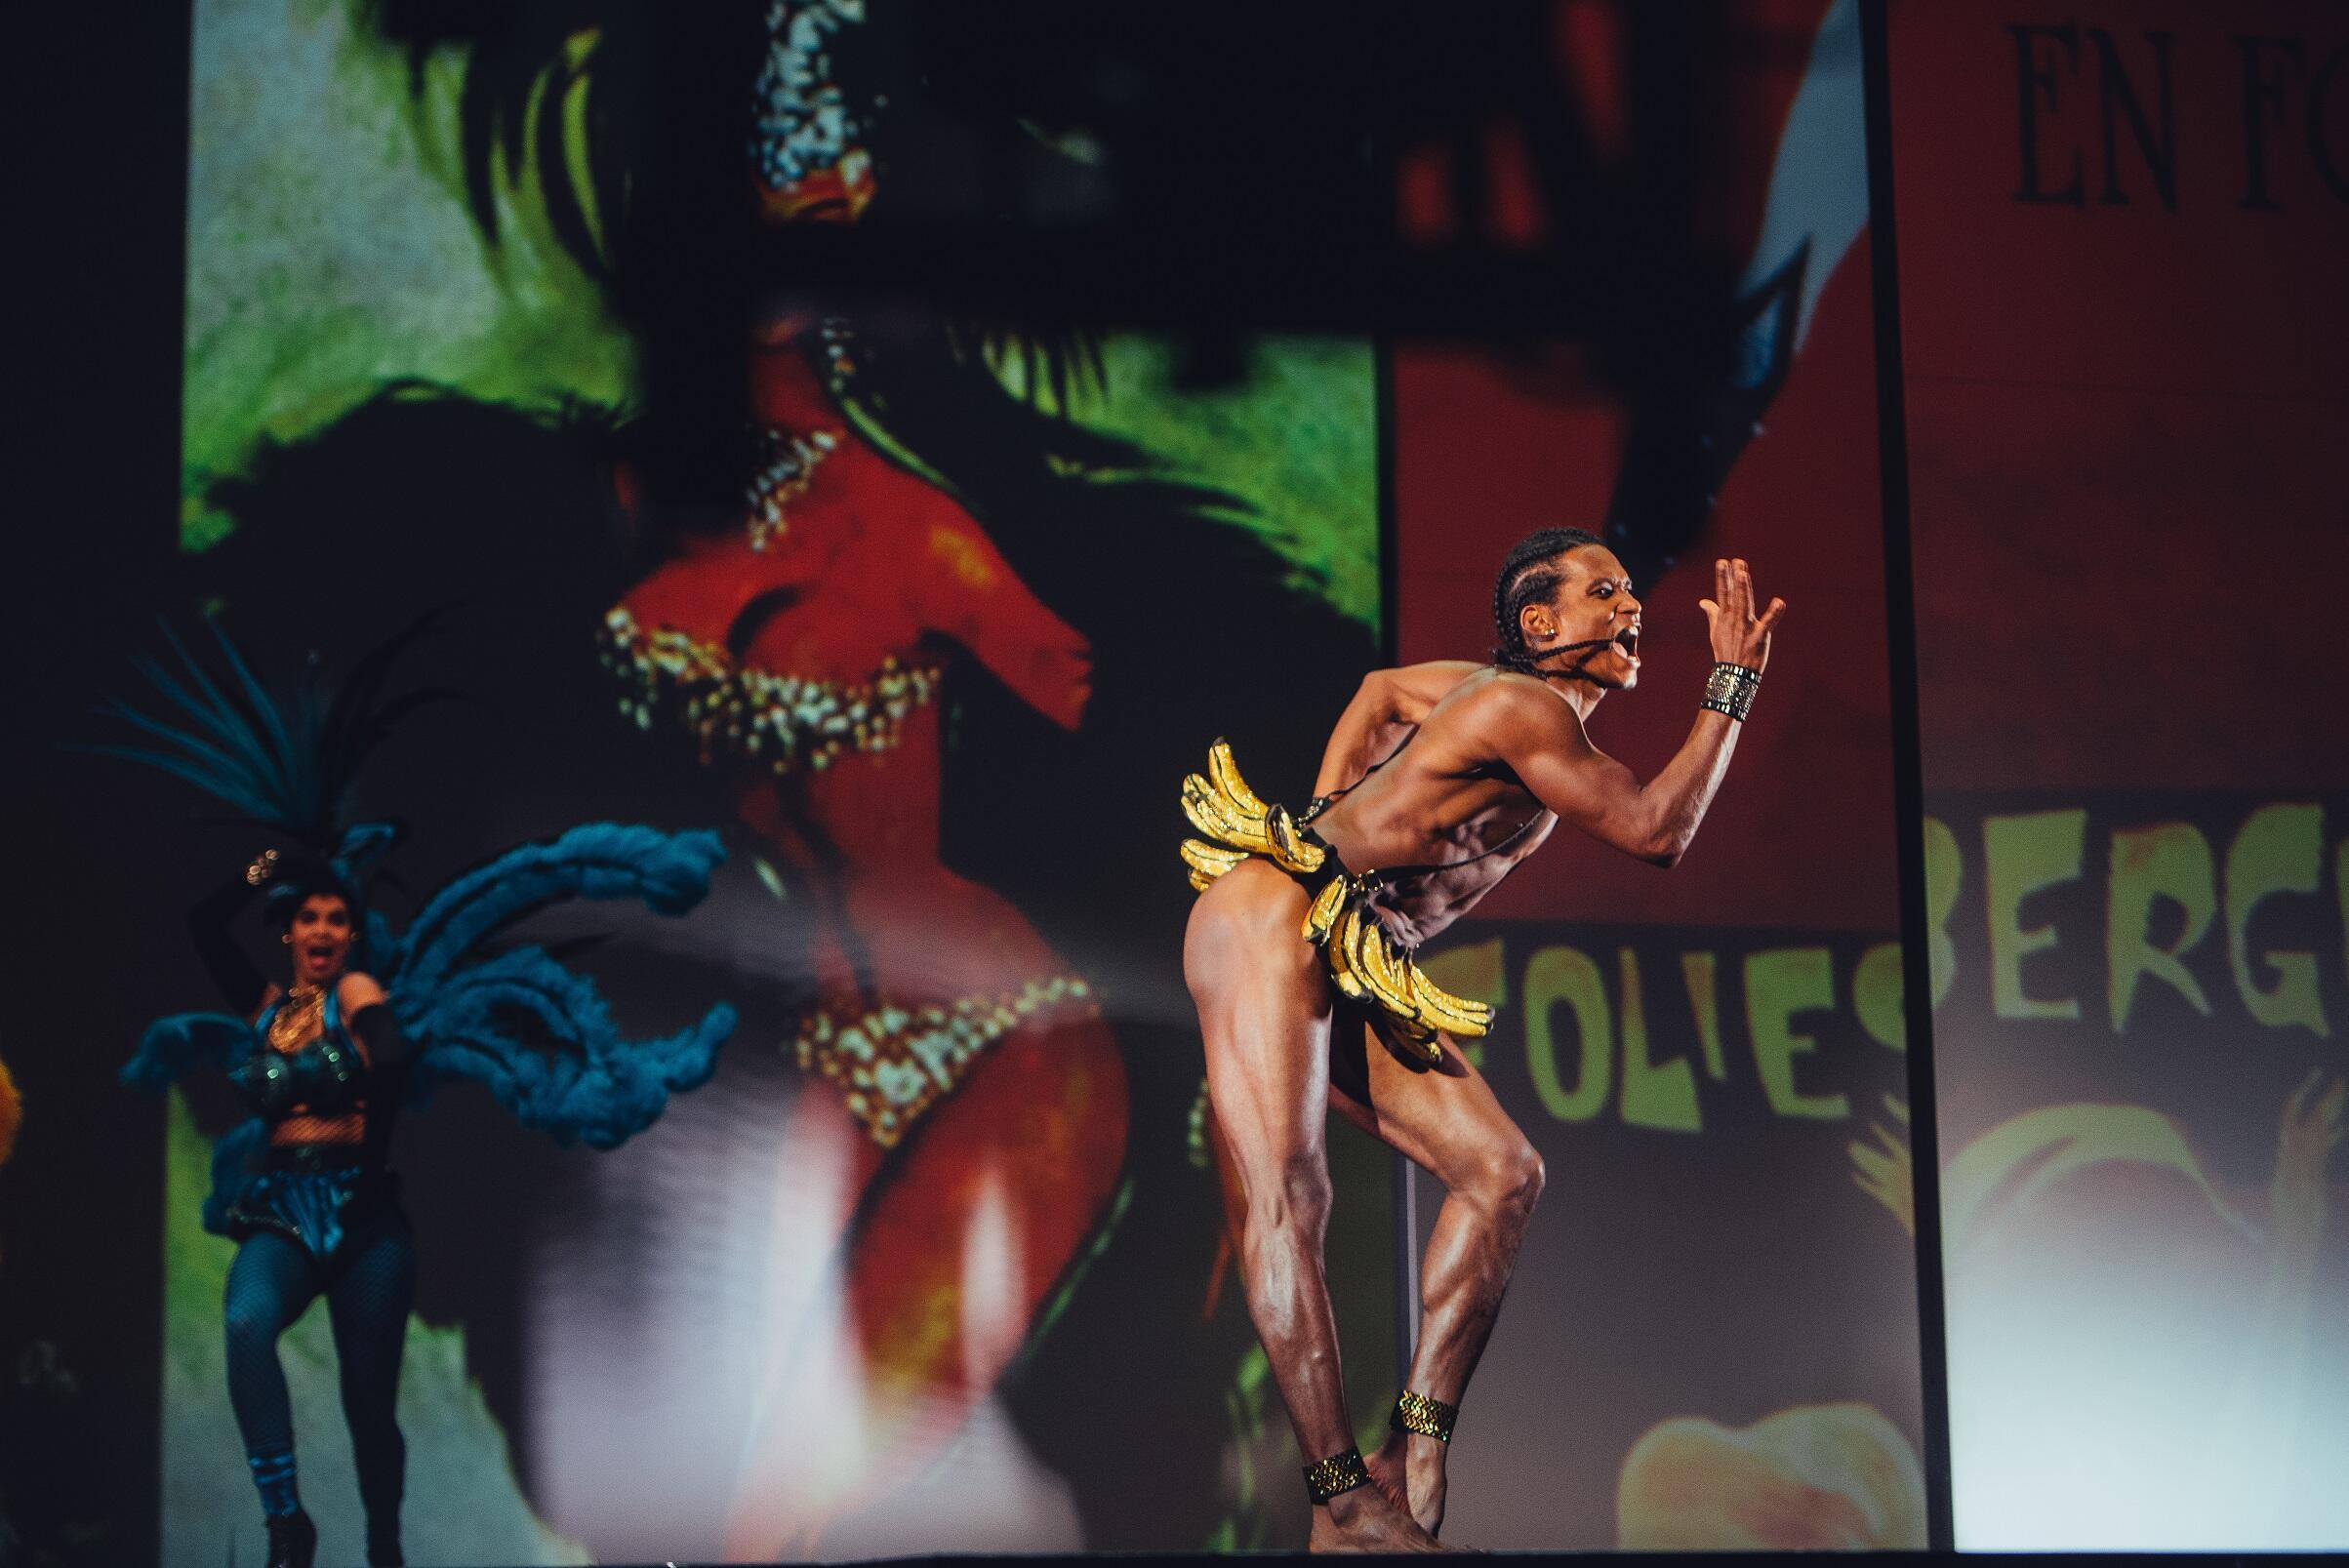 El balarín cubano, Lázaro Cuervo Costa personifica a la mítica Josephine Baker en el espectáculo del diseñador francés, Jean-Paul Gaultier.